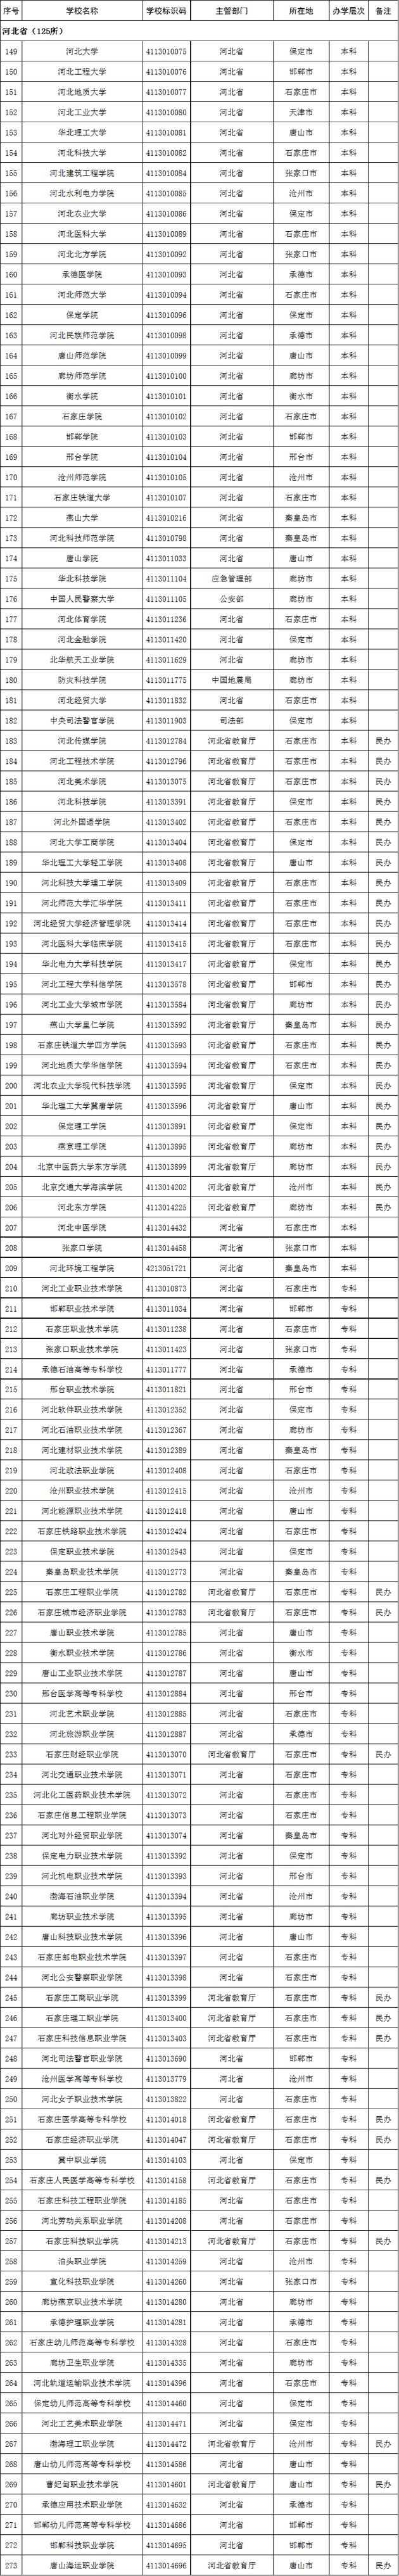 2020年河北省高校名单(125所)